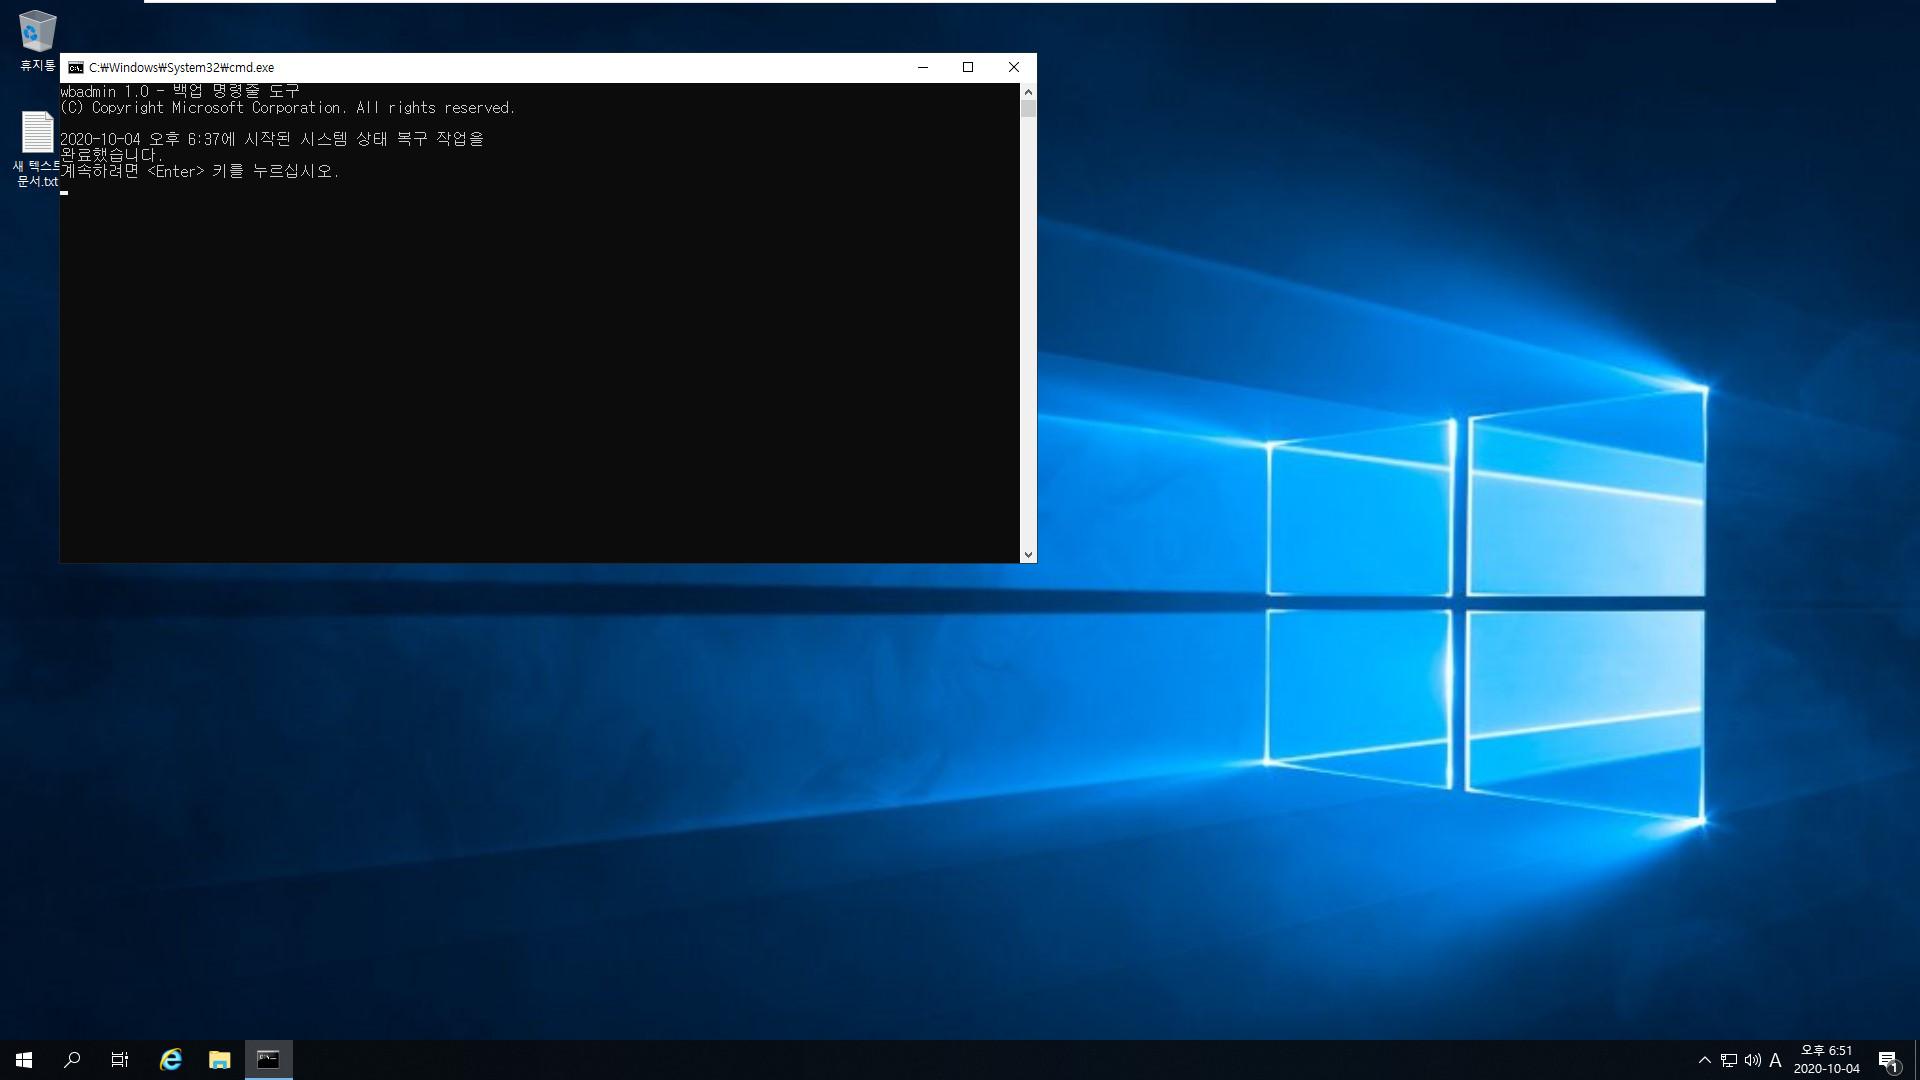 윈도우 서버군은 윈도우 사용중에도 자체 WBadmin 명령으로 윈도우 복구를 합니다 - Windows Server 2019로 복구 테스트 2020-10-04_185152.jpg